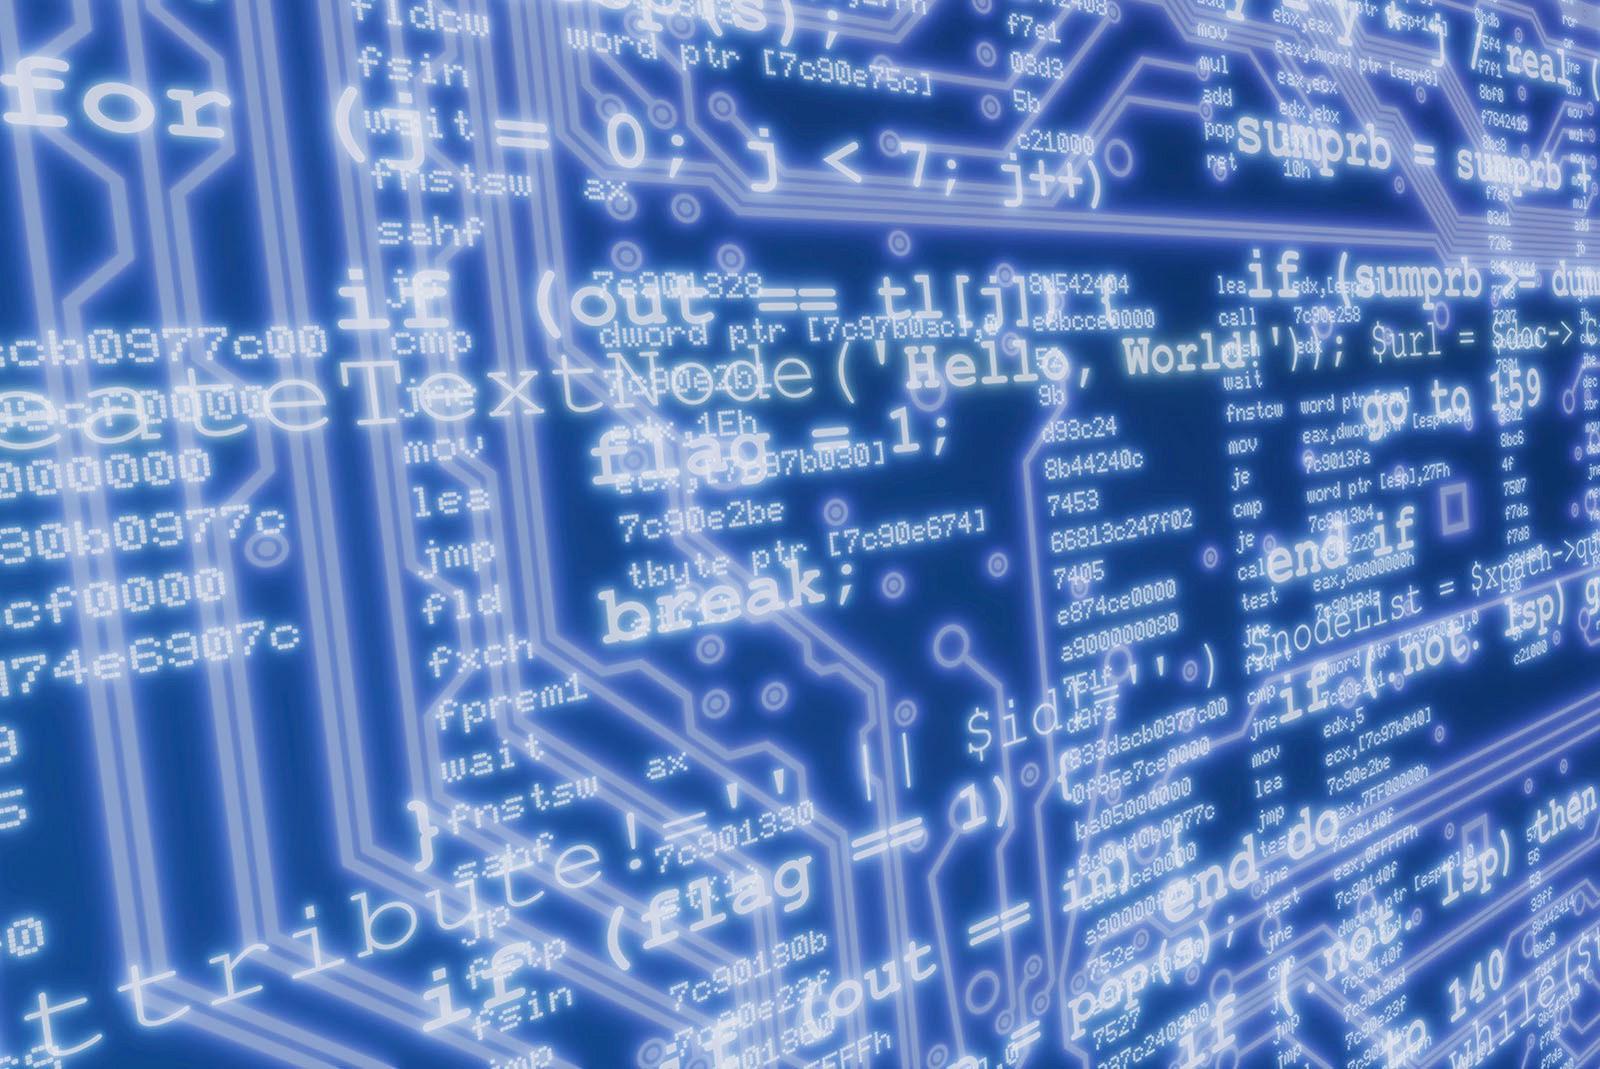 Открыт набор на обучение по программе подготовки к поступлению в магистратуру в сфере IT